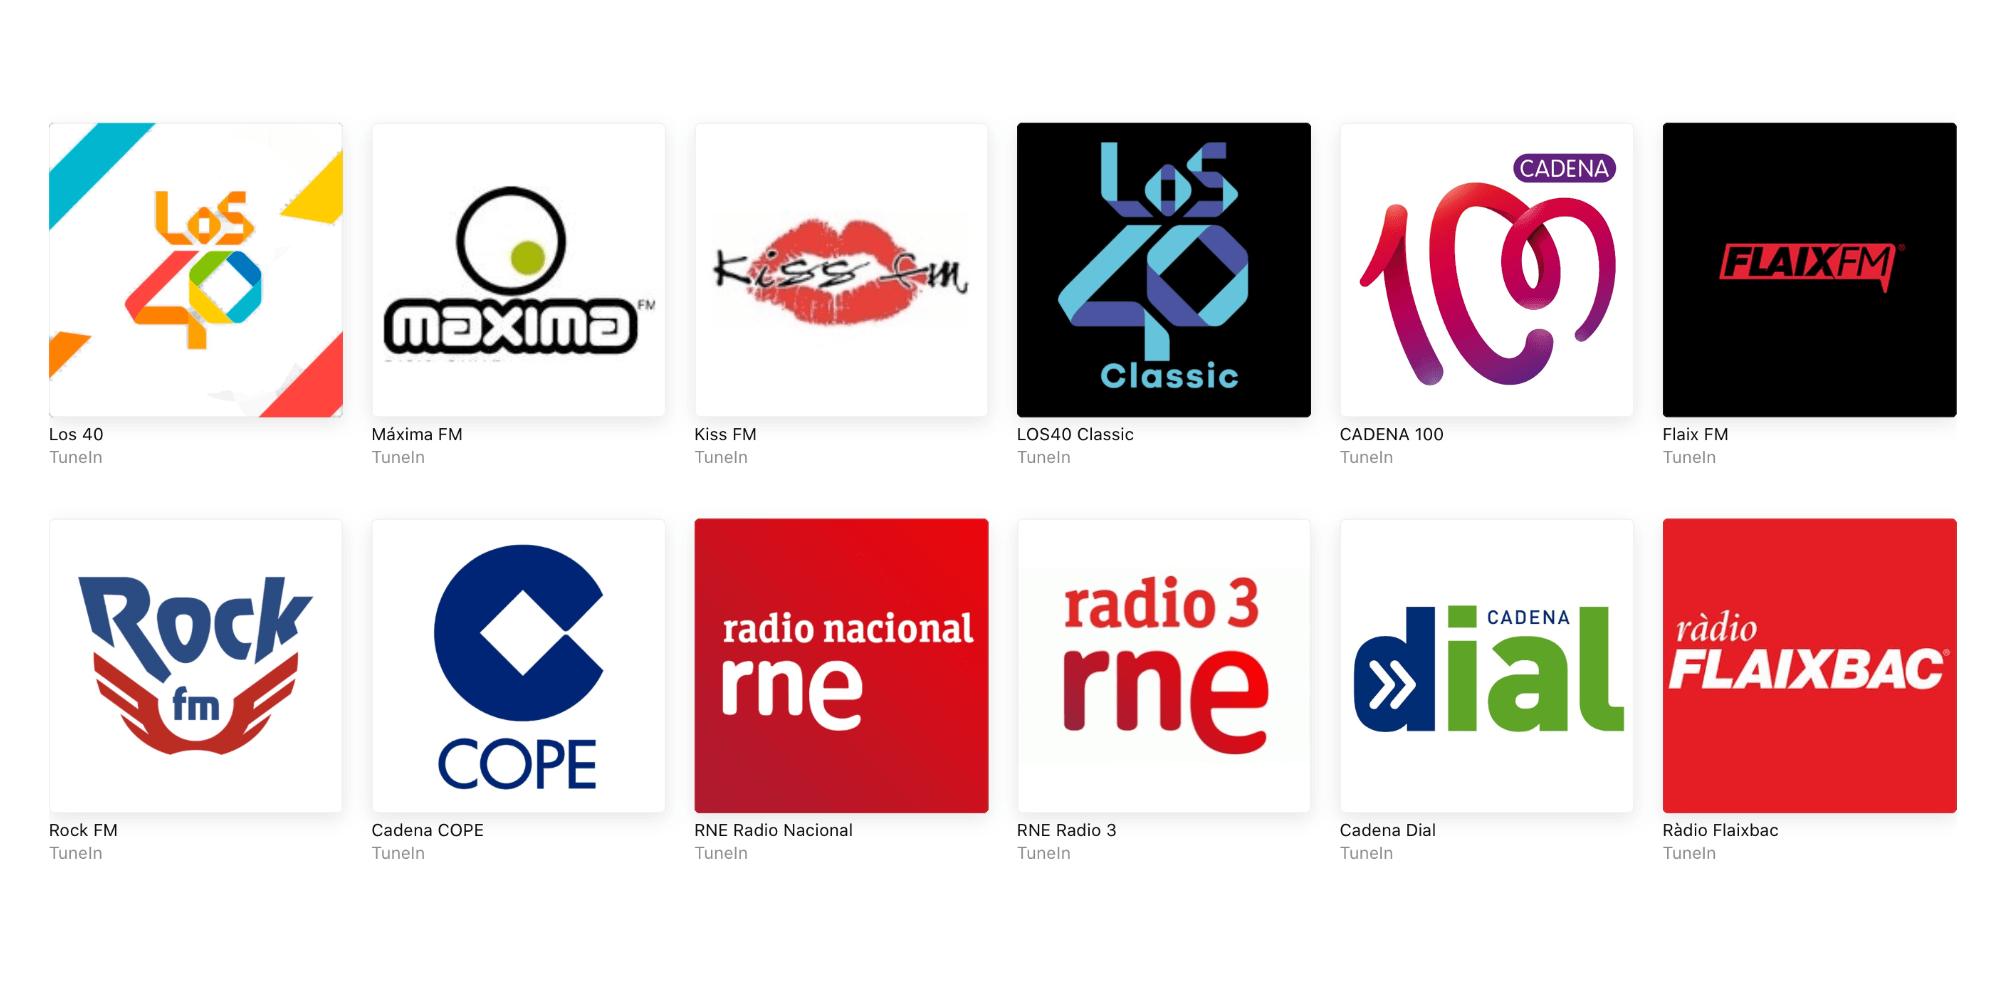 Tres excelentes apps para escuchar la radio de forma gratuita desde nuestro iPhone - Hoy en Apple